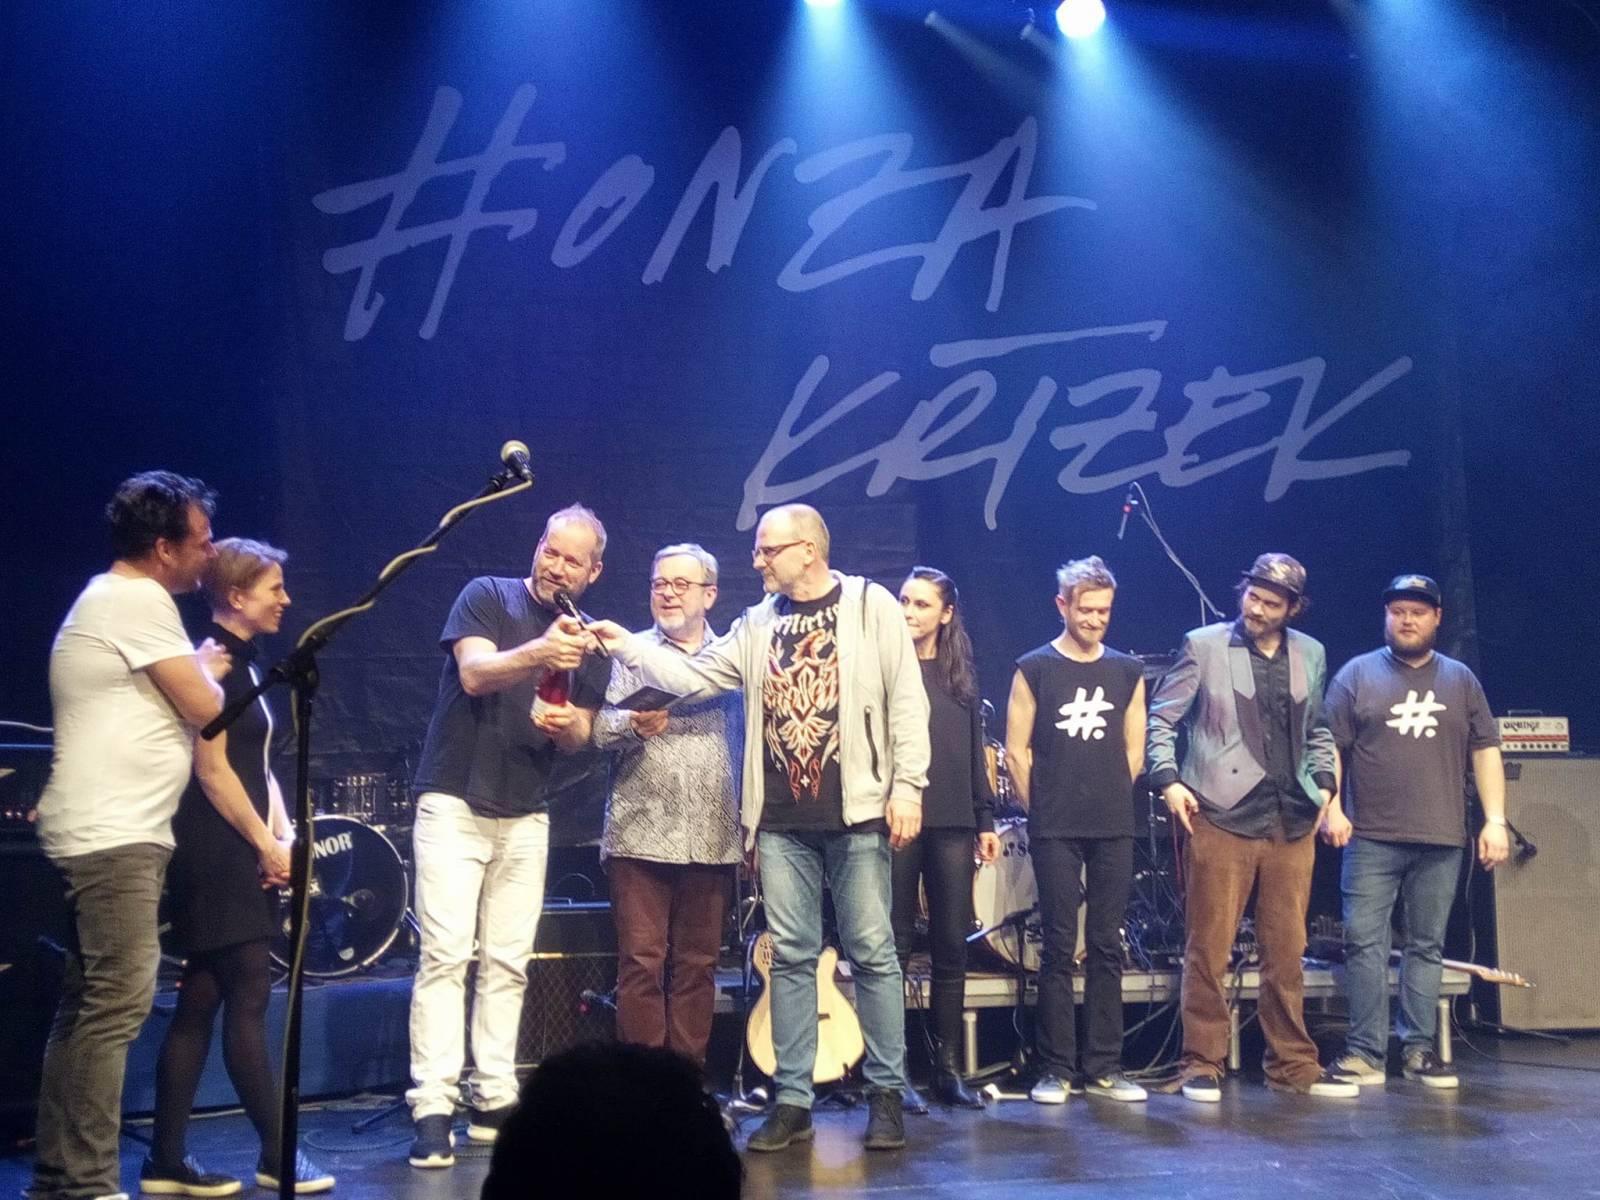 LIVE: Honza Křížek sršel na křtu sólové desky energií. Podpořili ho Michal Pavlíček, Lenka Dusilová i David Koller